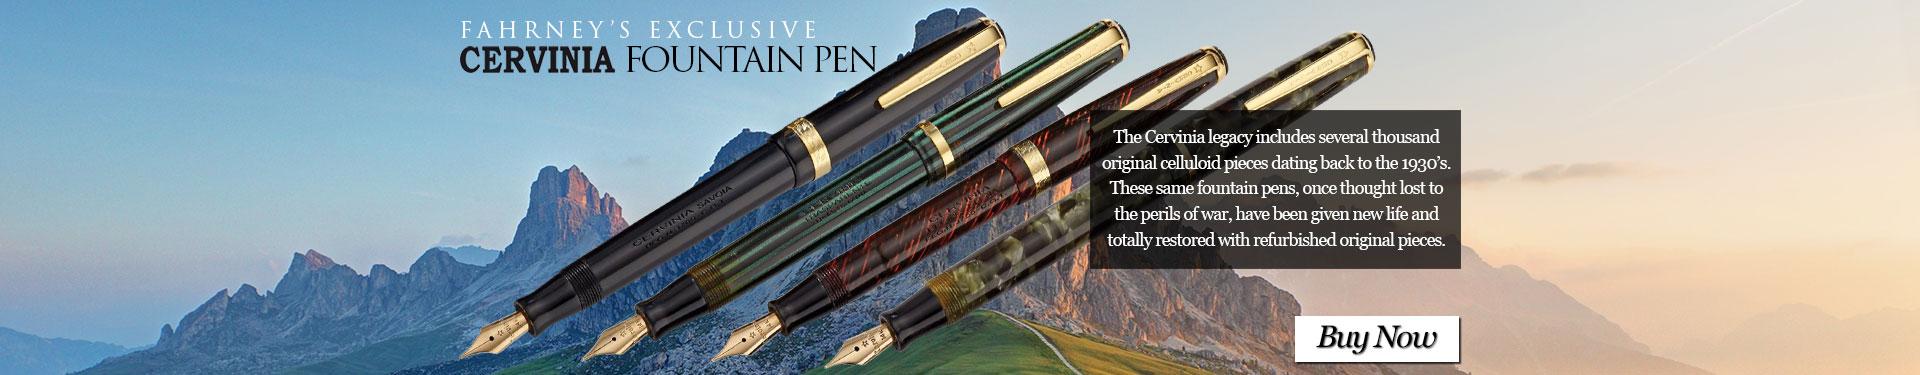 Fahrney's Exclusive Cervinia Fountain Pens